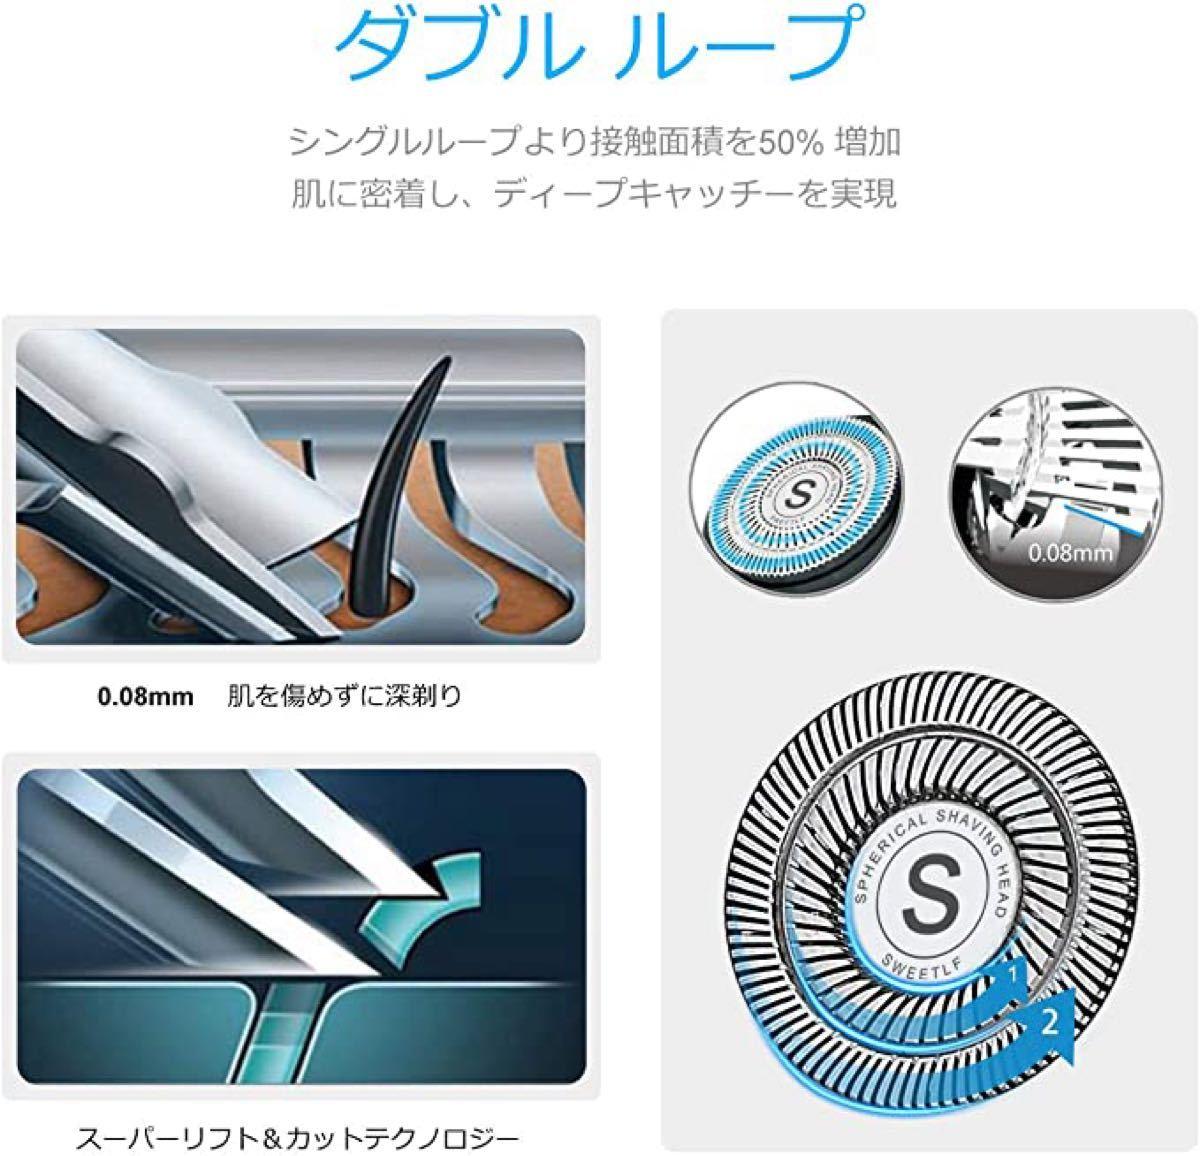 電気シェーバー メンズ ひげそり 回転式 3枚刃 USB充電式 IPX7防水 お風呂剃り可 トリマー付 LED電池残量表示 (青)